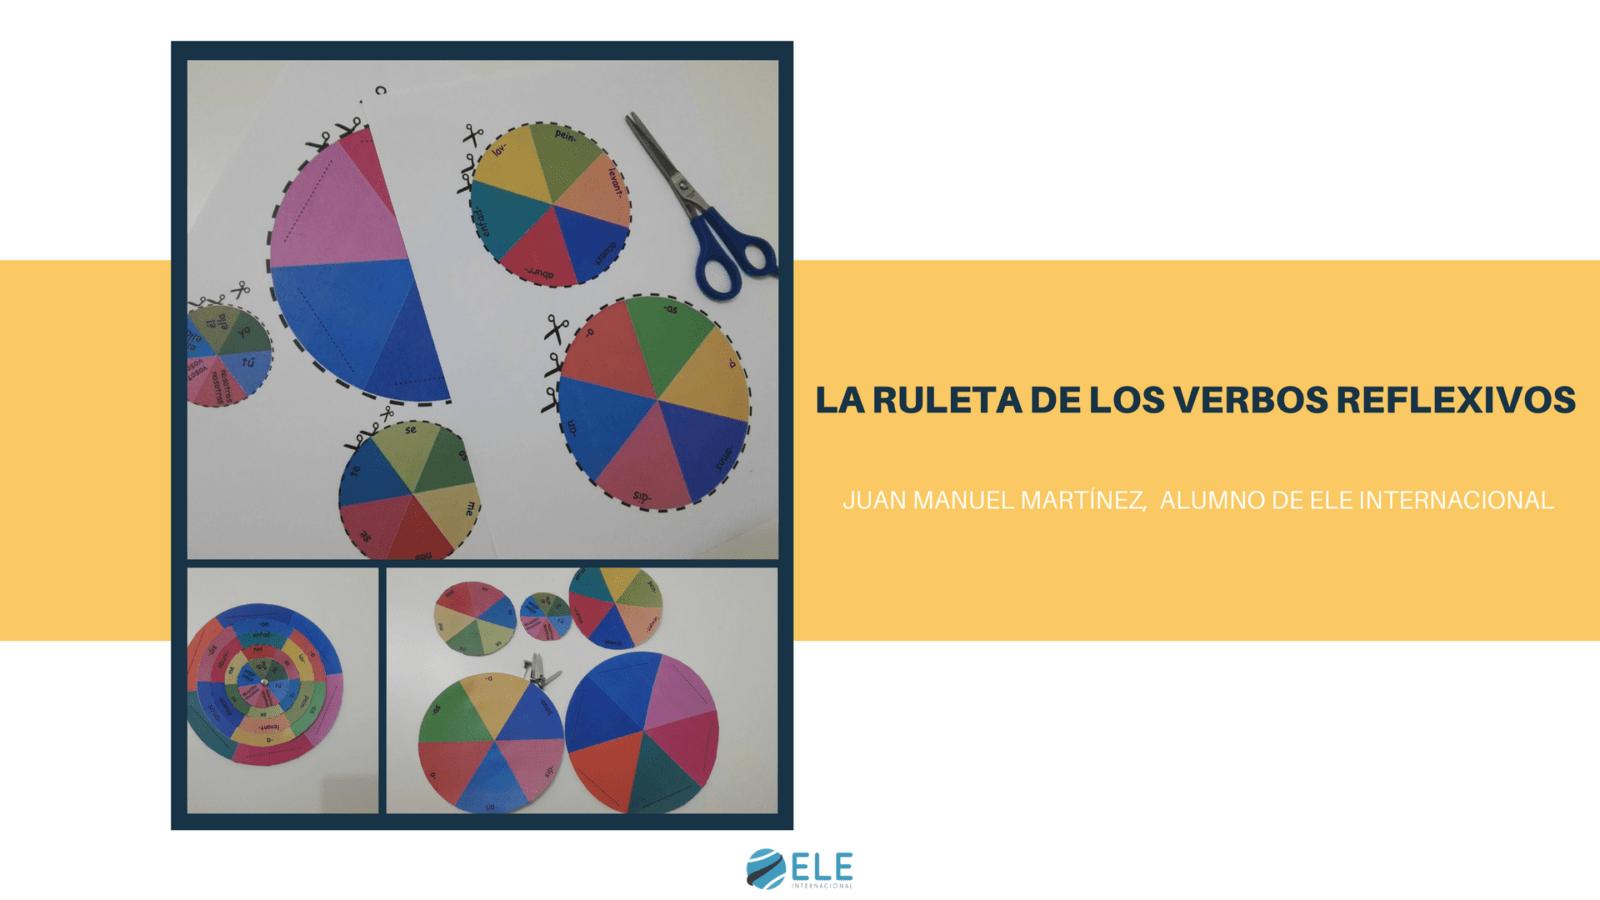 Ruleta para tratar los verbos reflexivos en clase de ELE. #spanishteacher